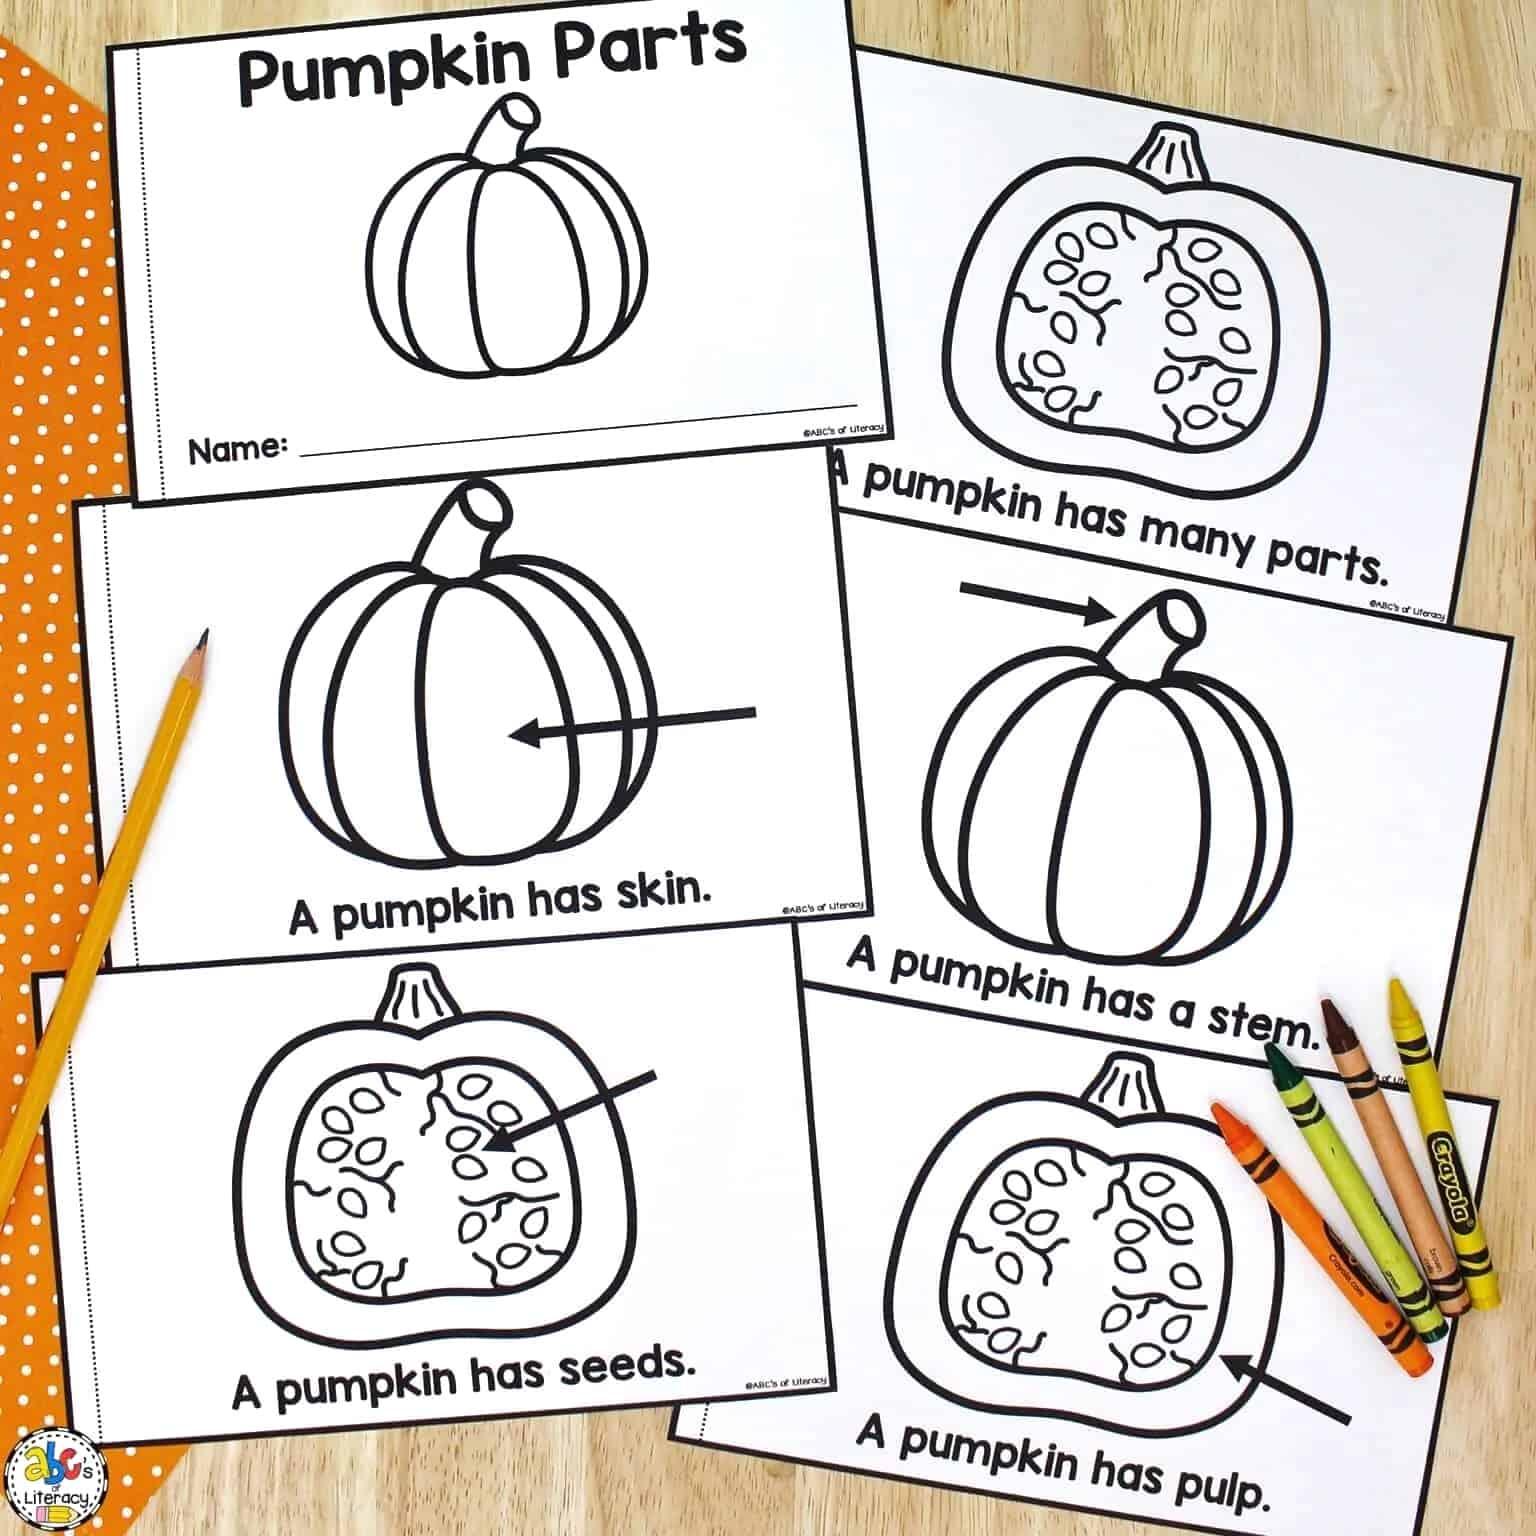 Pumpkin Parts Book